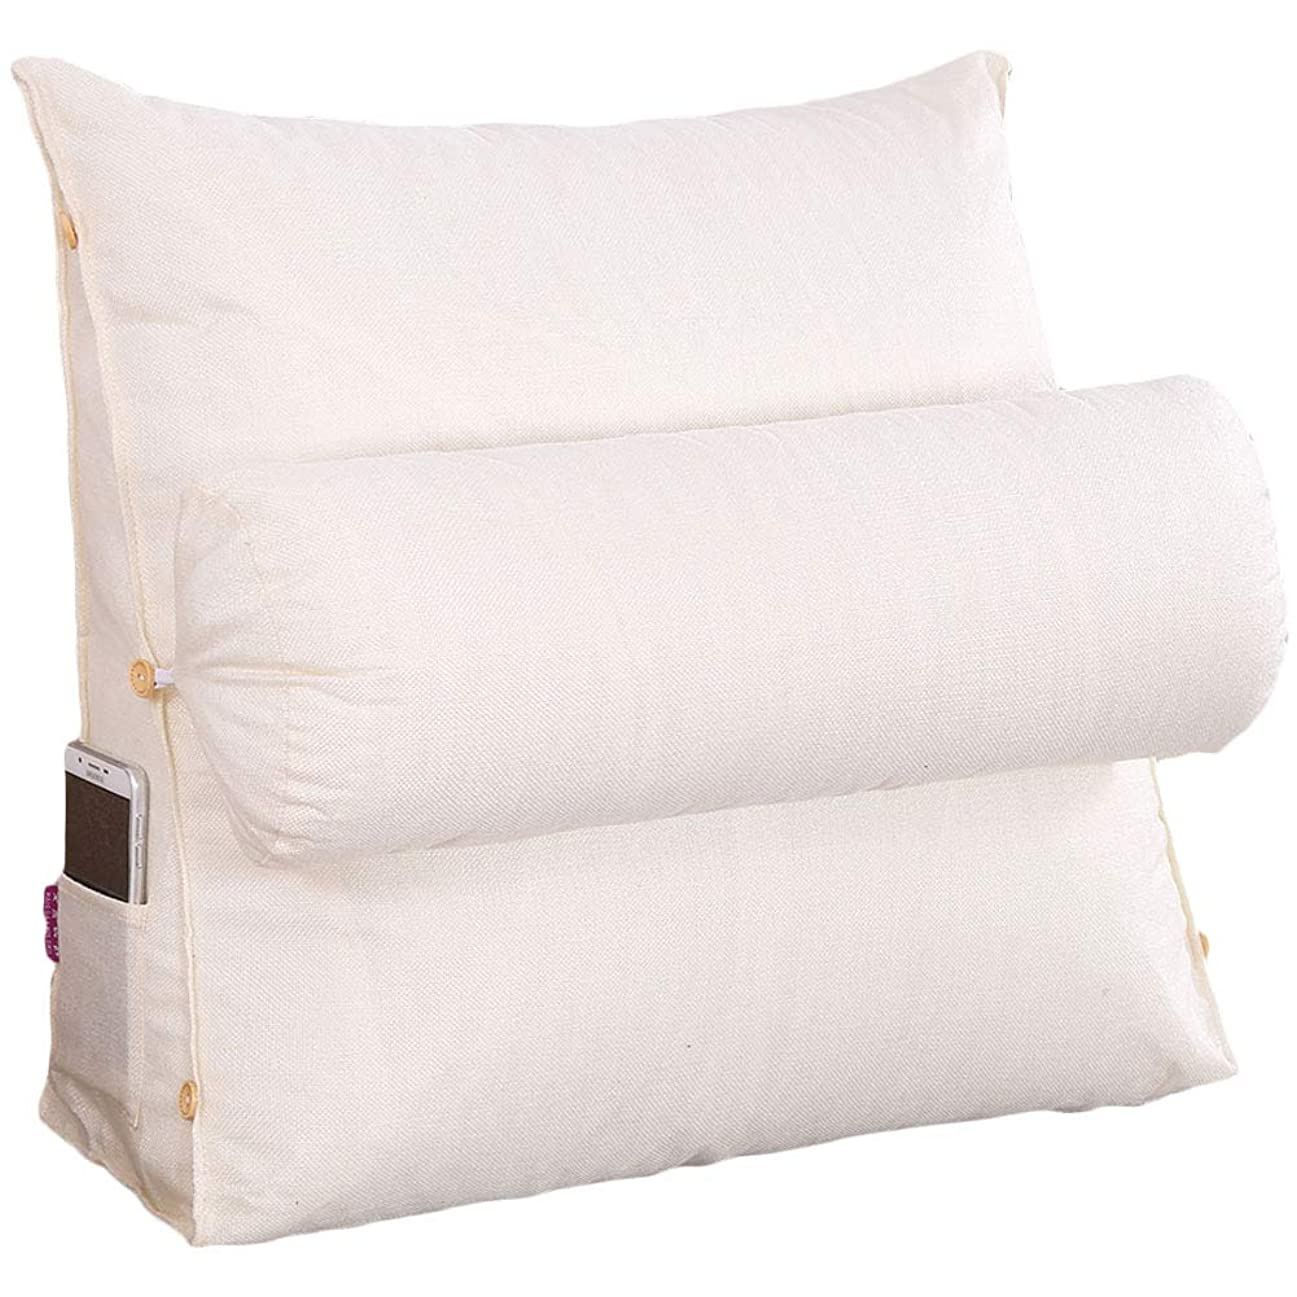 しつけ私の潜水艦Vercart 新発売 洗えるカバー ベッド 背もたれ ヘッドボード クッション フワフワ 腰痛対策 クリーム45*45*20cm